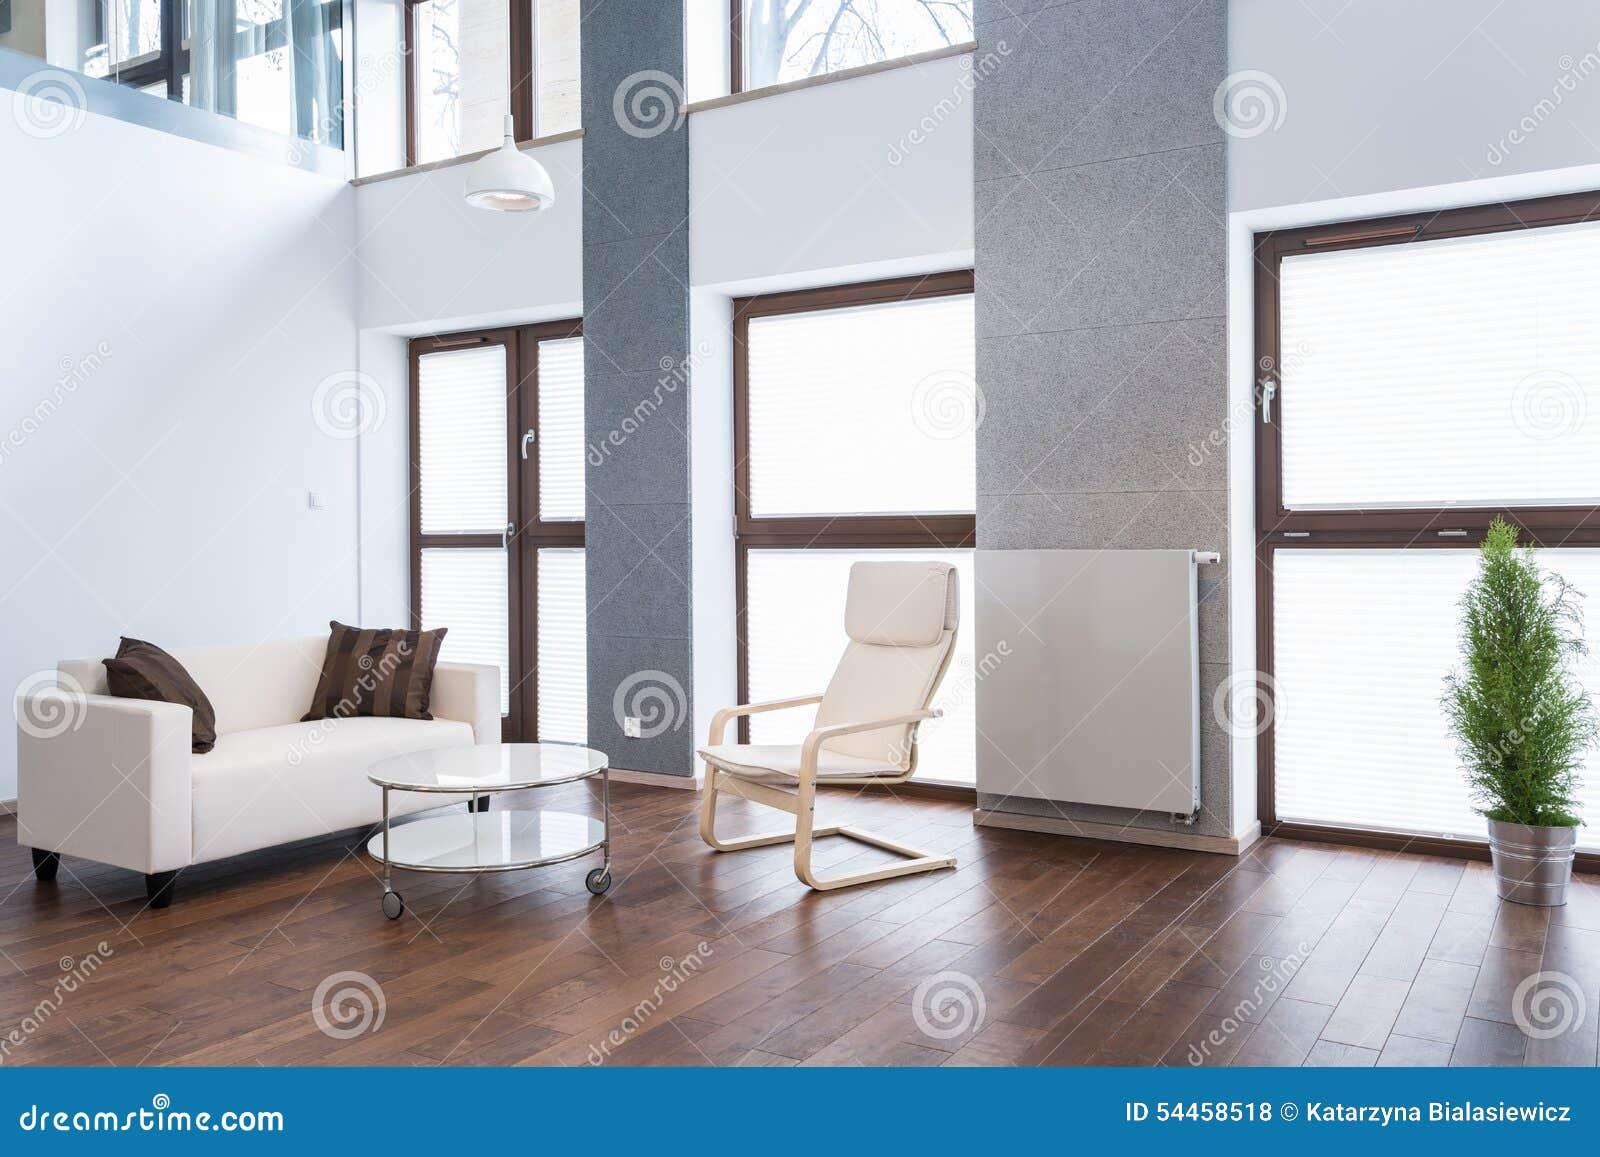 Rymlig vardagsrum med den vita soffan arkivfoto   bild: 54458518